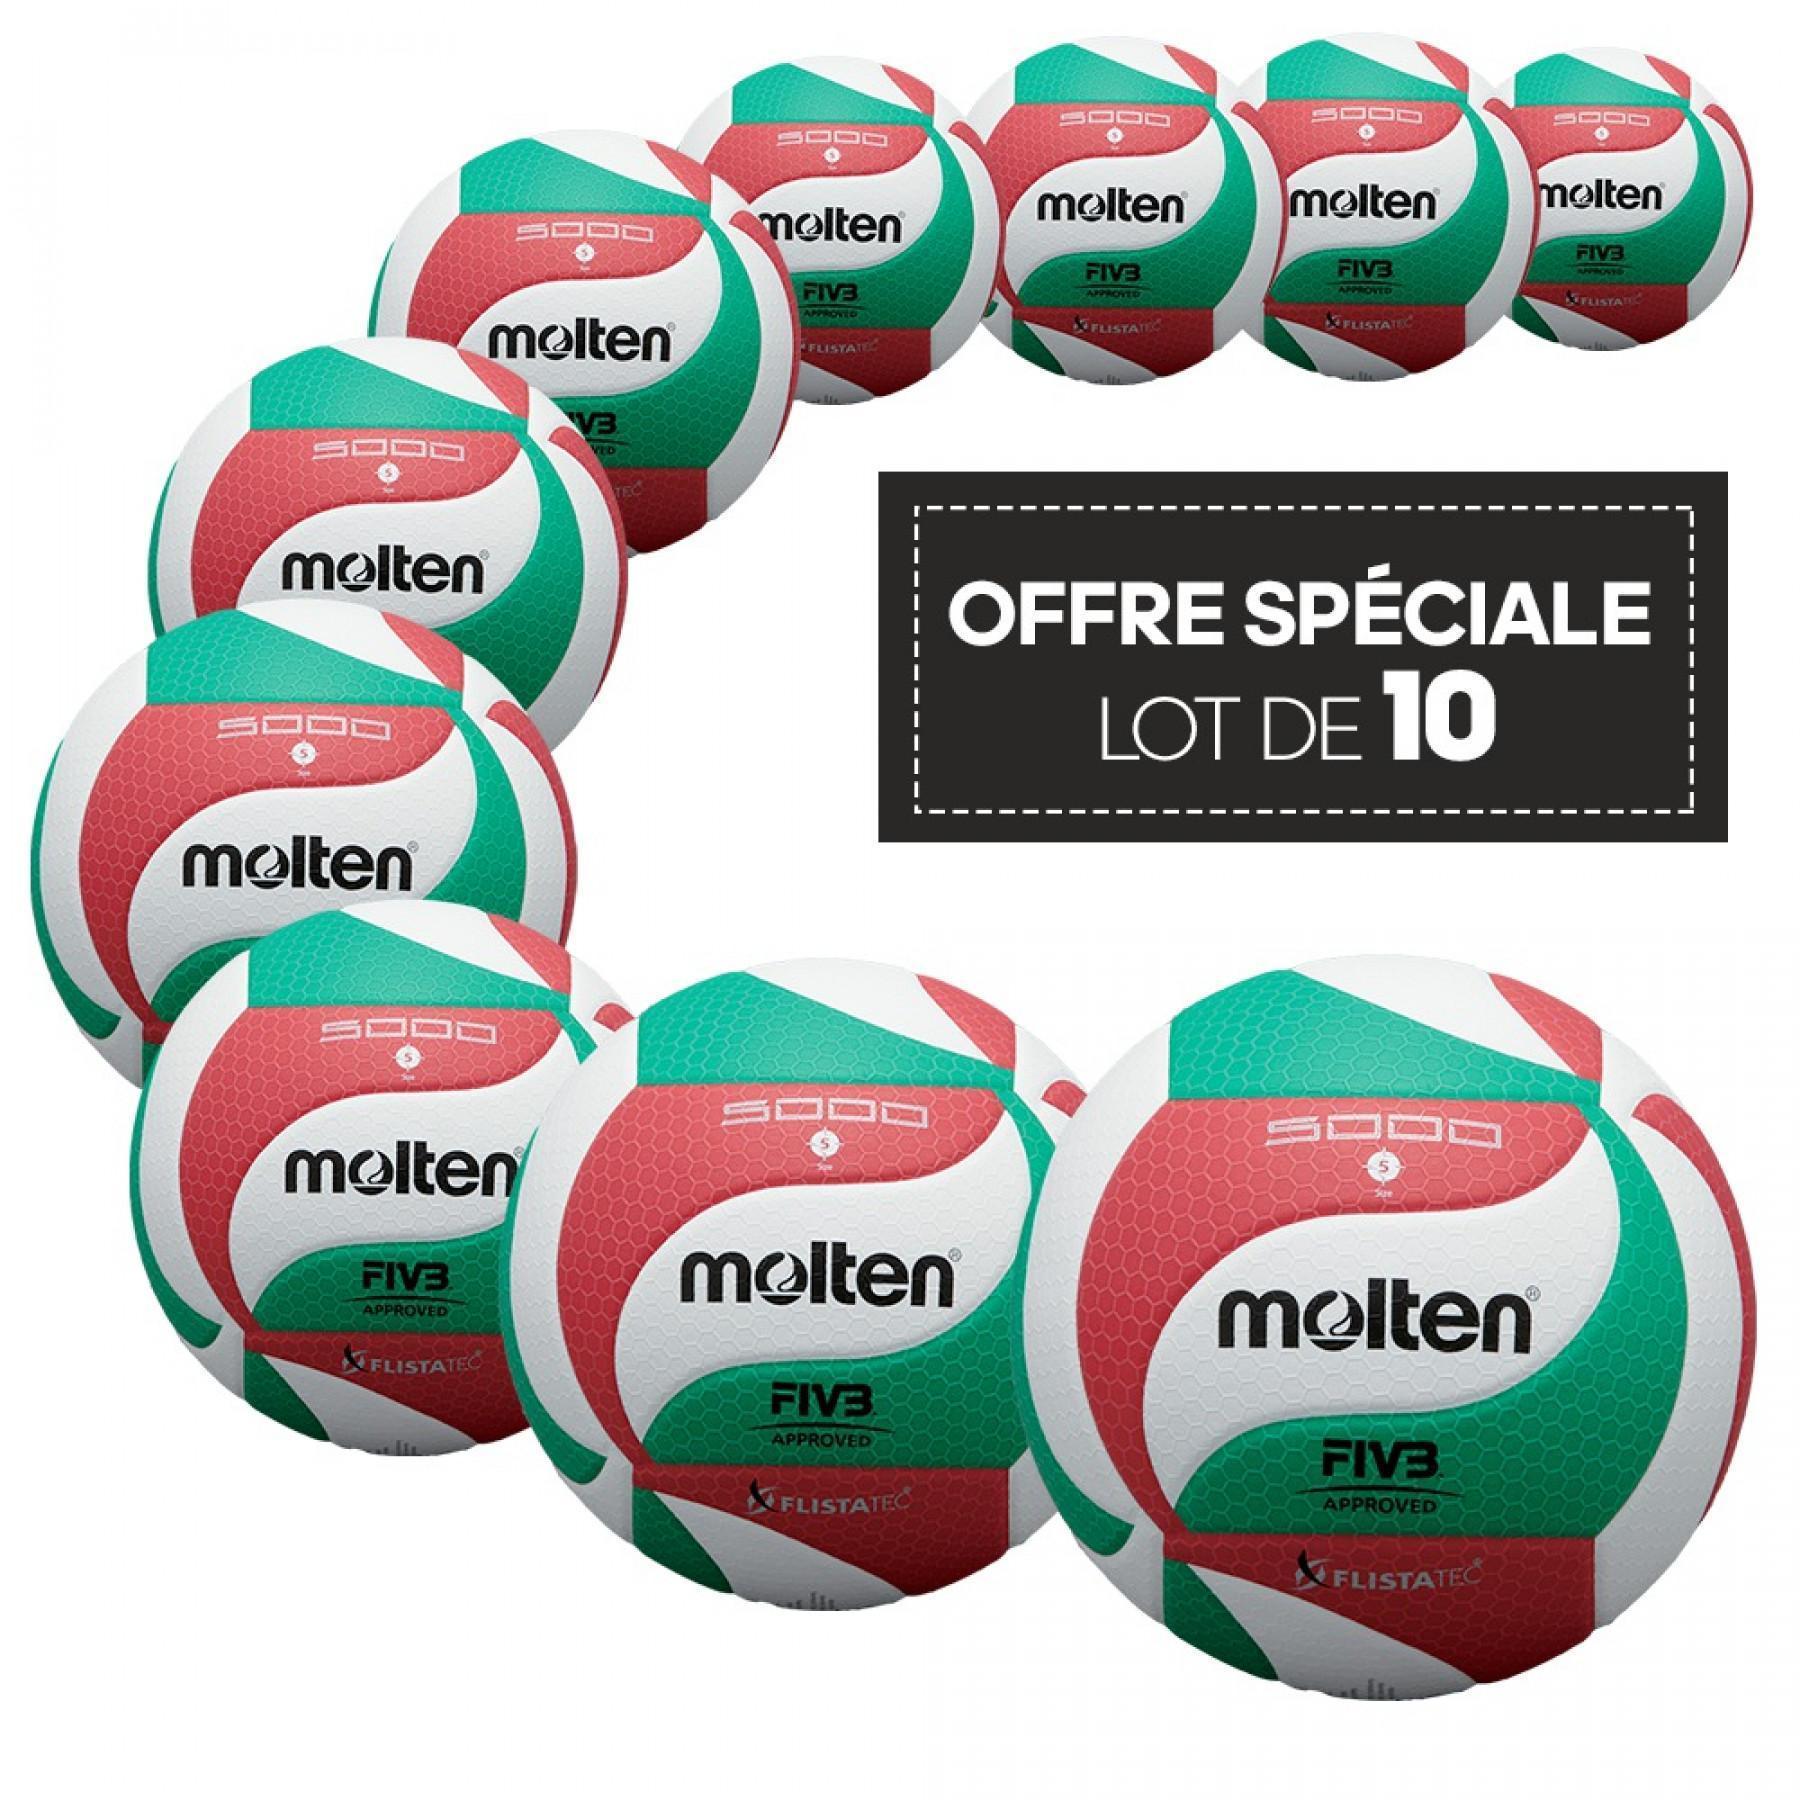 Lot de 10 ballons de compétition Molten V5M5000 LNV